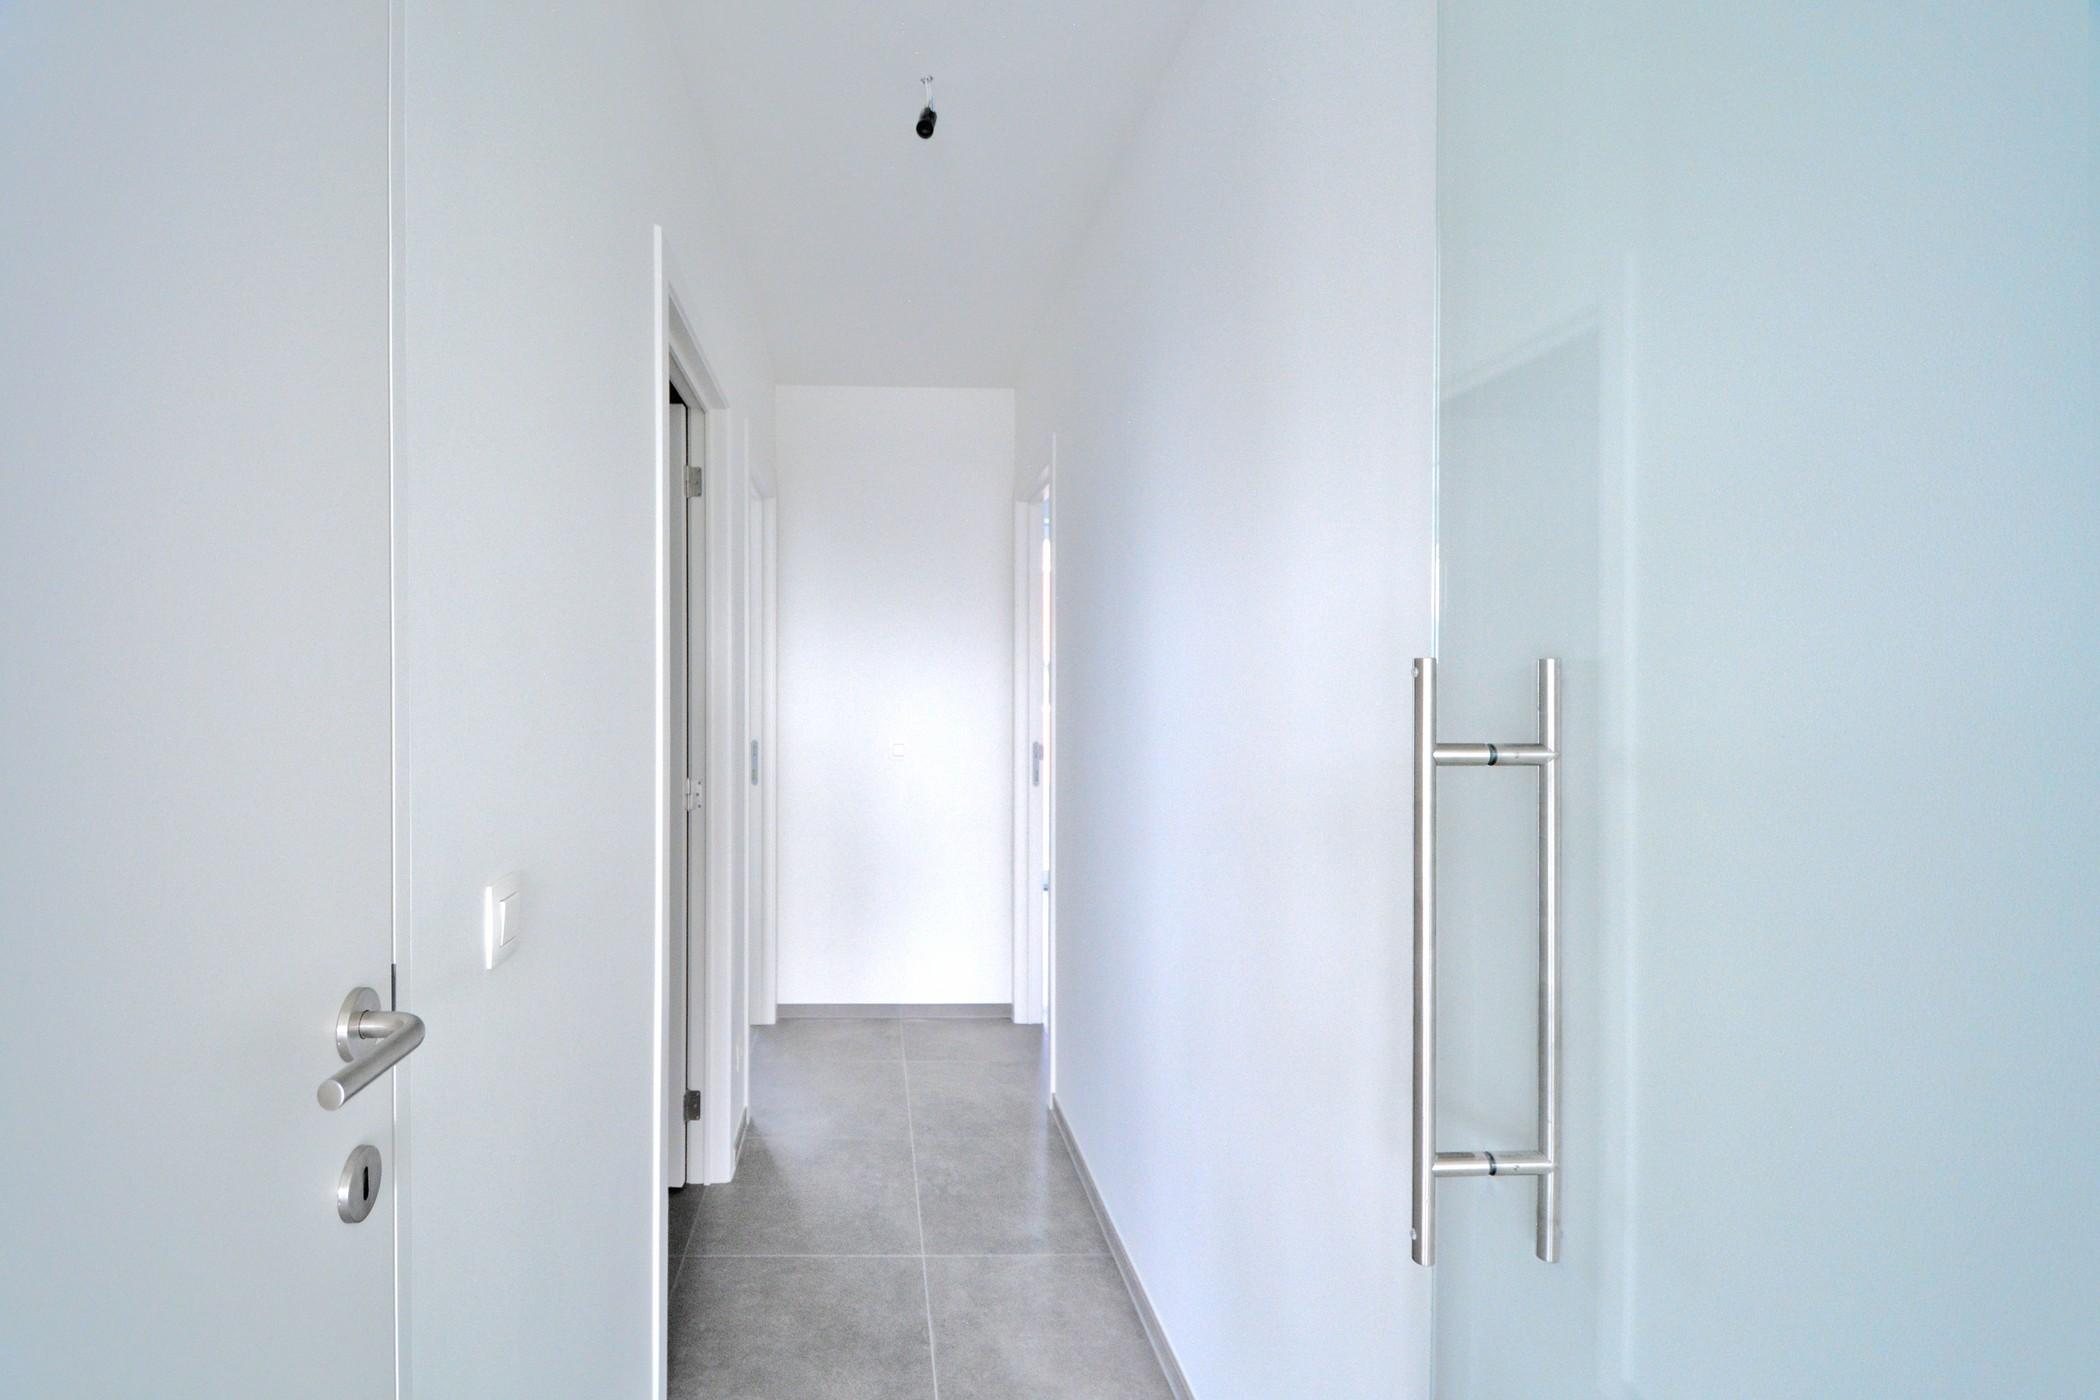 Prachtig, goed gelegen en geschilderd 2-slaapkamerappartement -  - NS-034 Residentie Roosevelt 1.4CCC